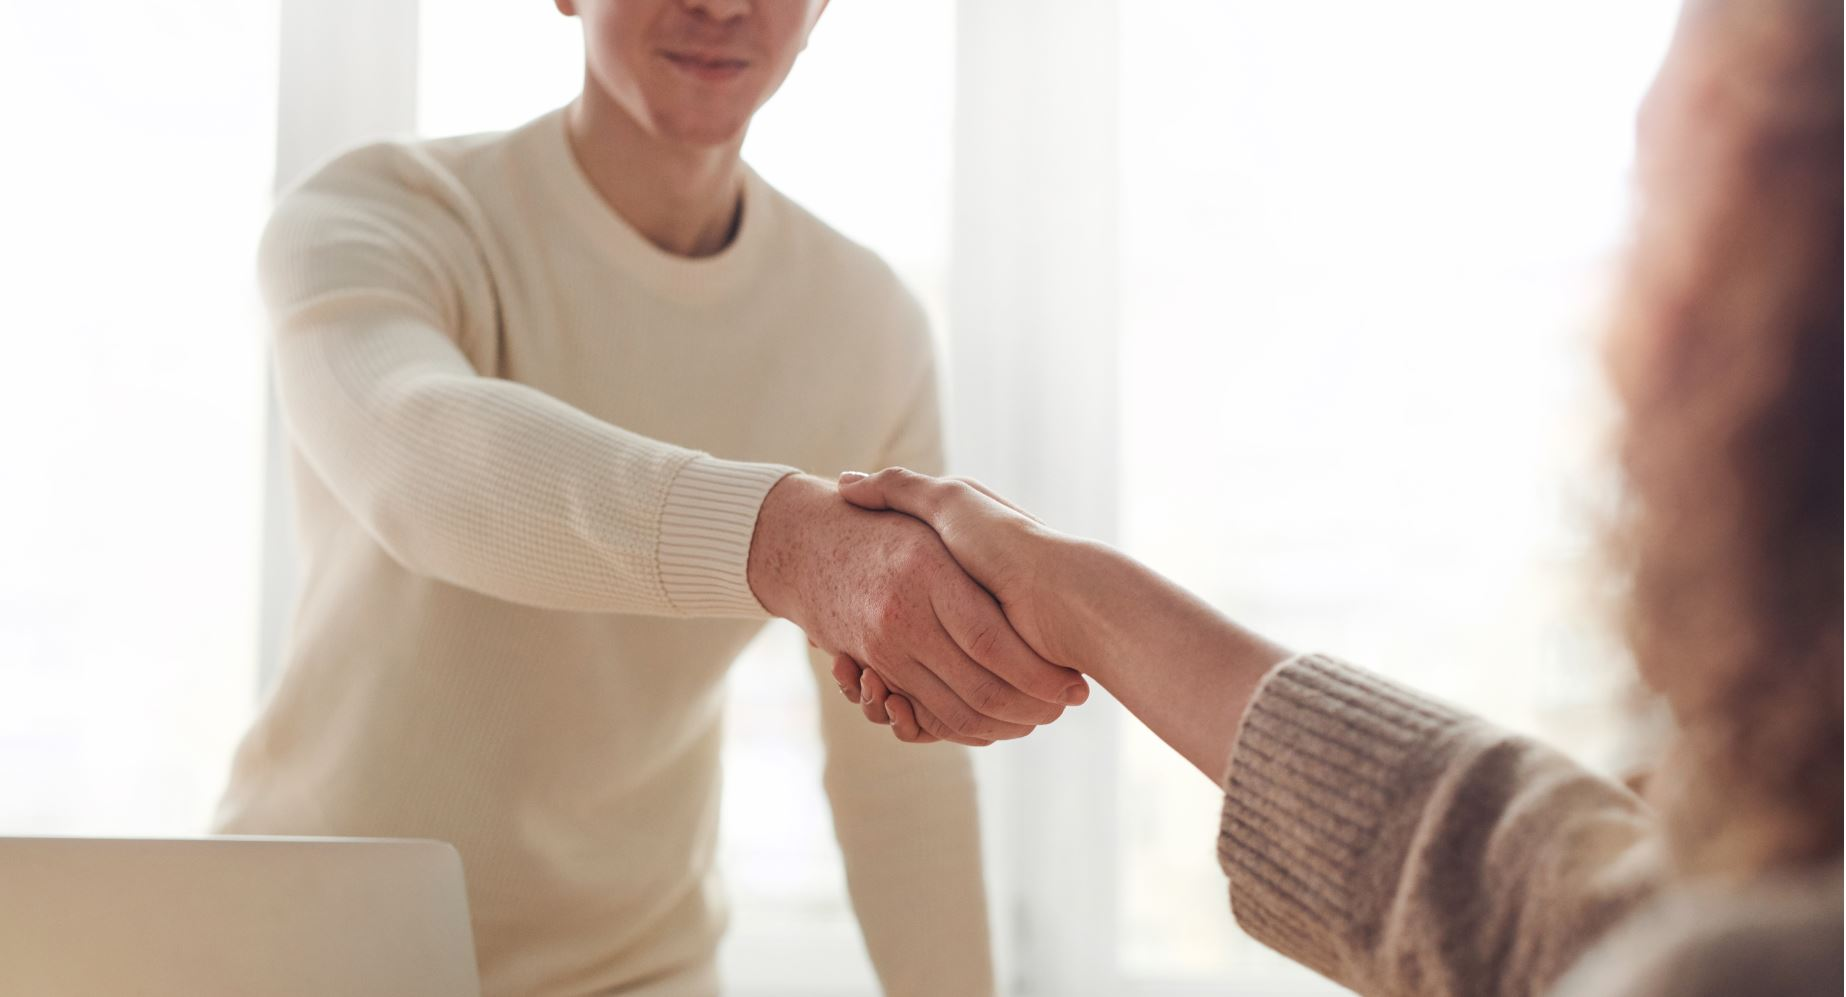 Comment bien préparer son entretien d'embauche ?